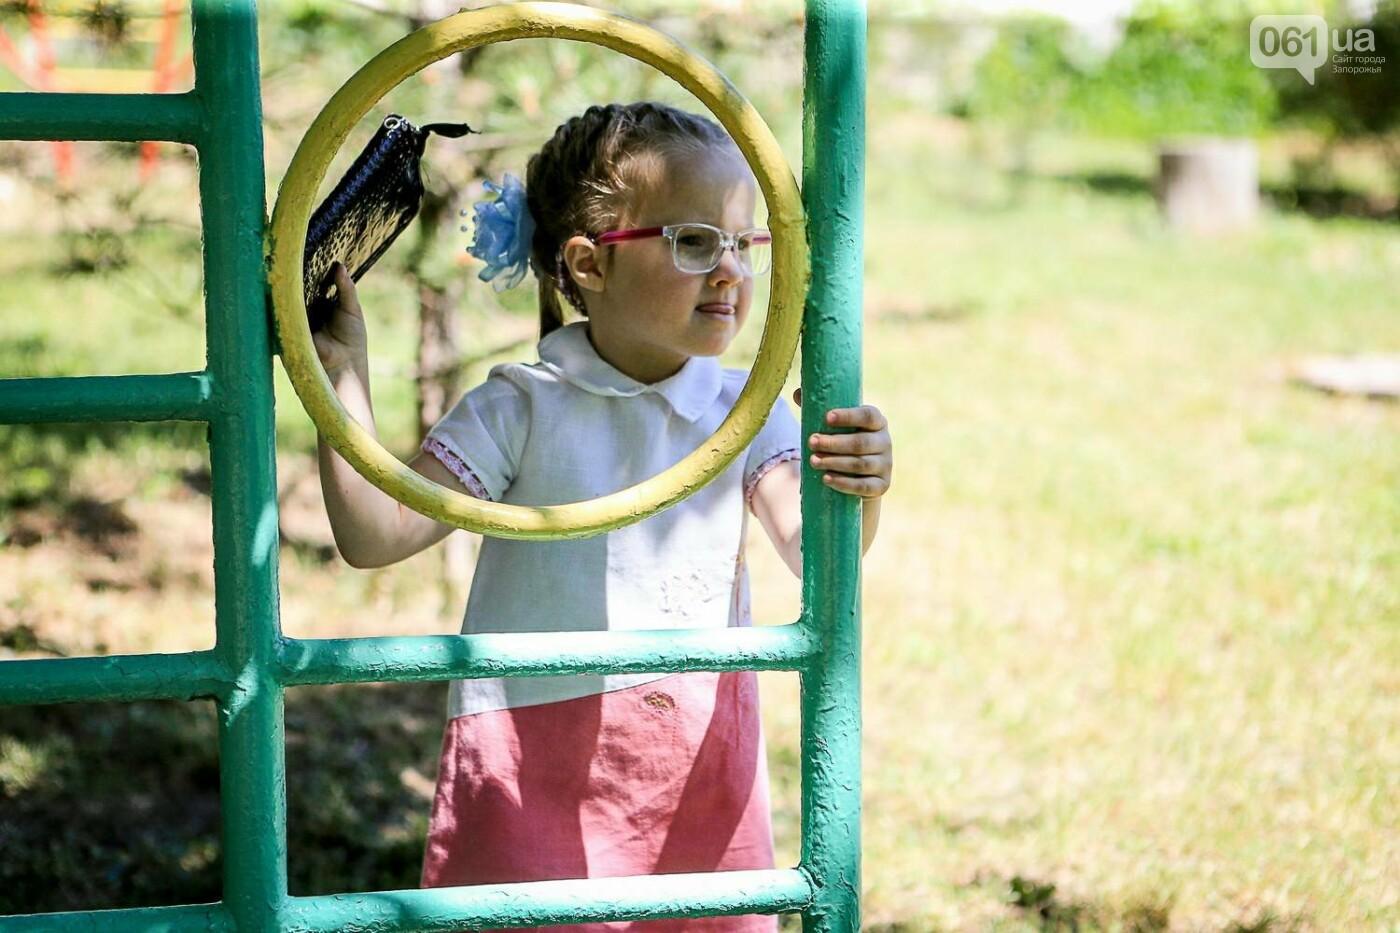 """О чем мечтают дети - фоторепортаж из дома ребенка """"Солнышко"""", фото-32"""